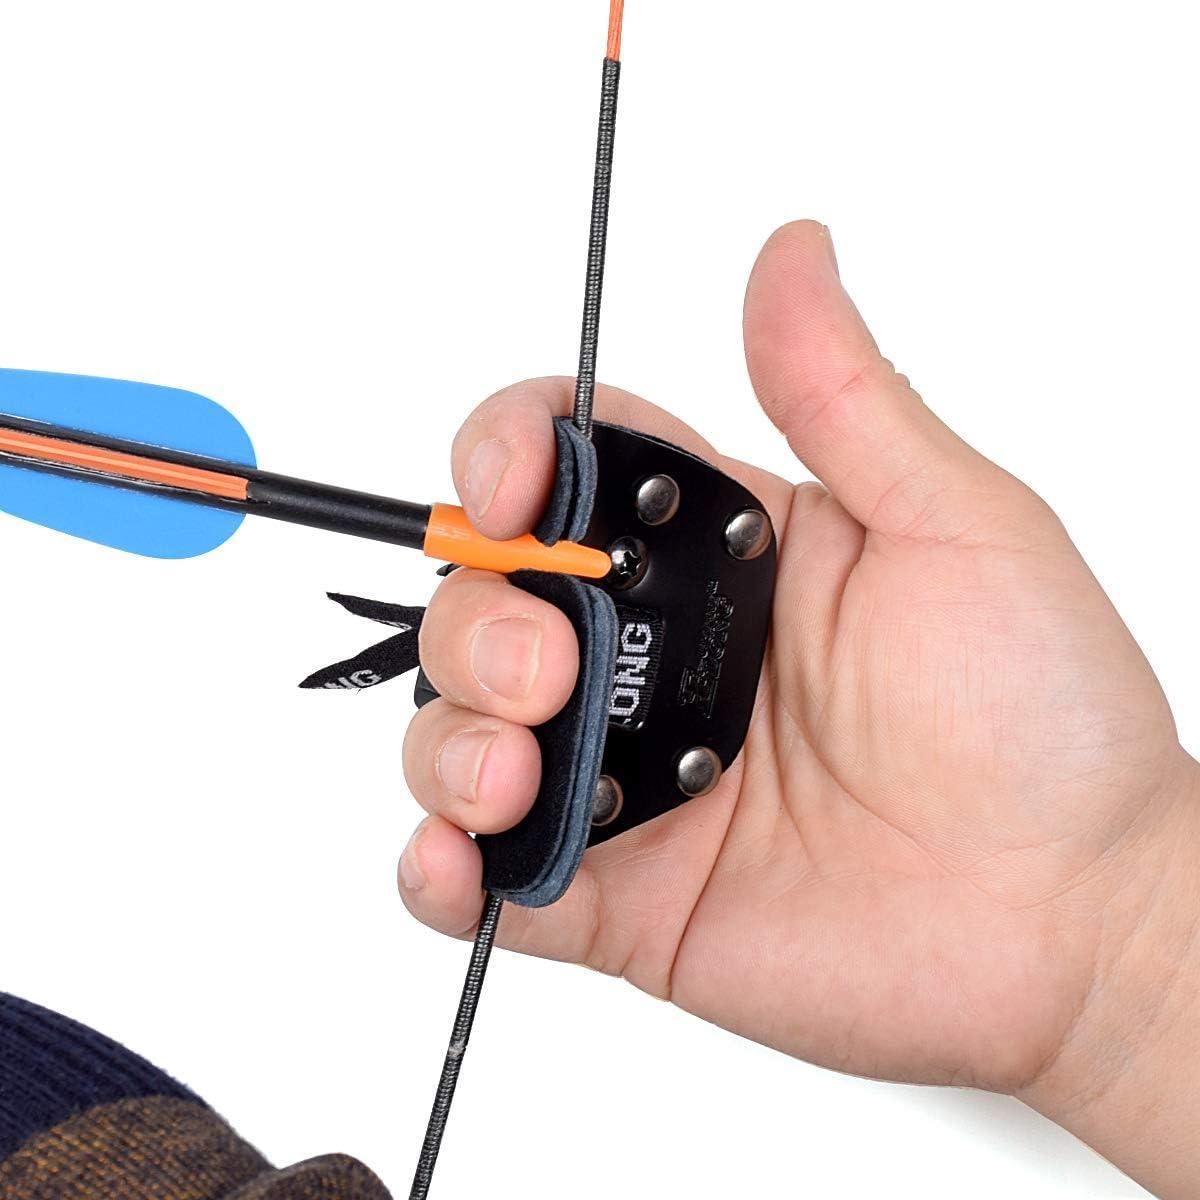 アーチェリー指タブ指プロテクター指セーバーCowレザーシューティングタブのRecurve Bow for Right Hand (ブラック)